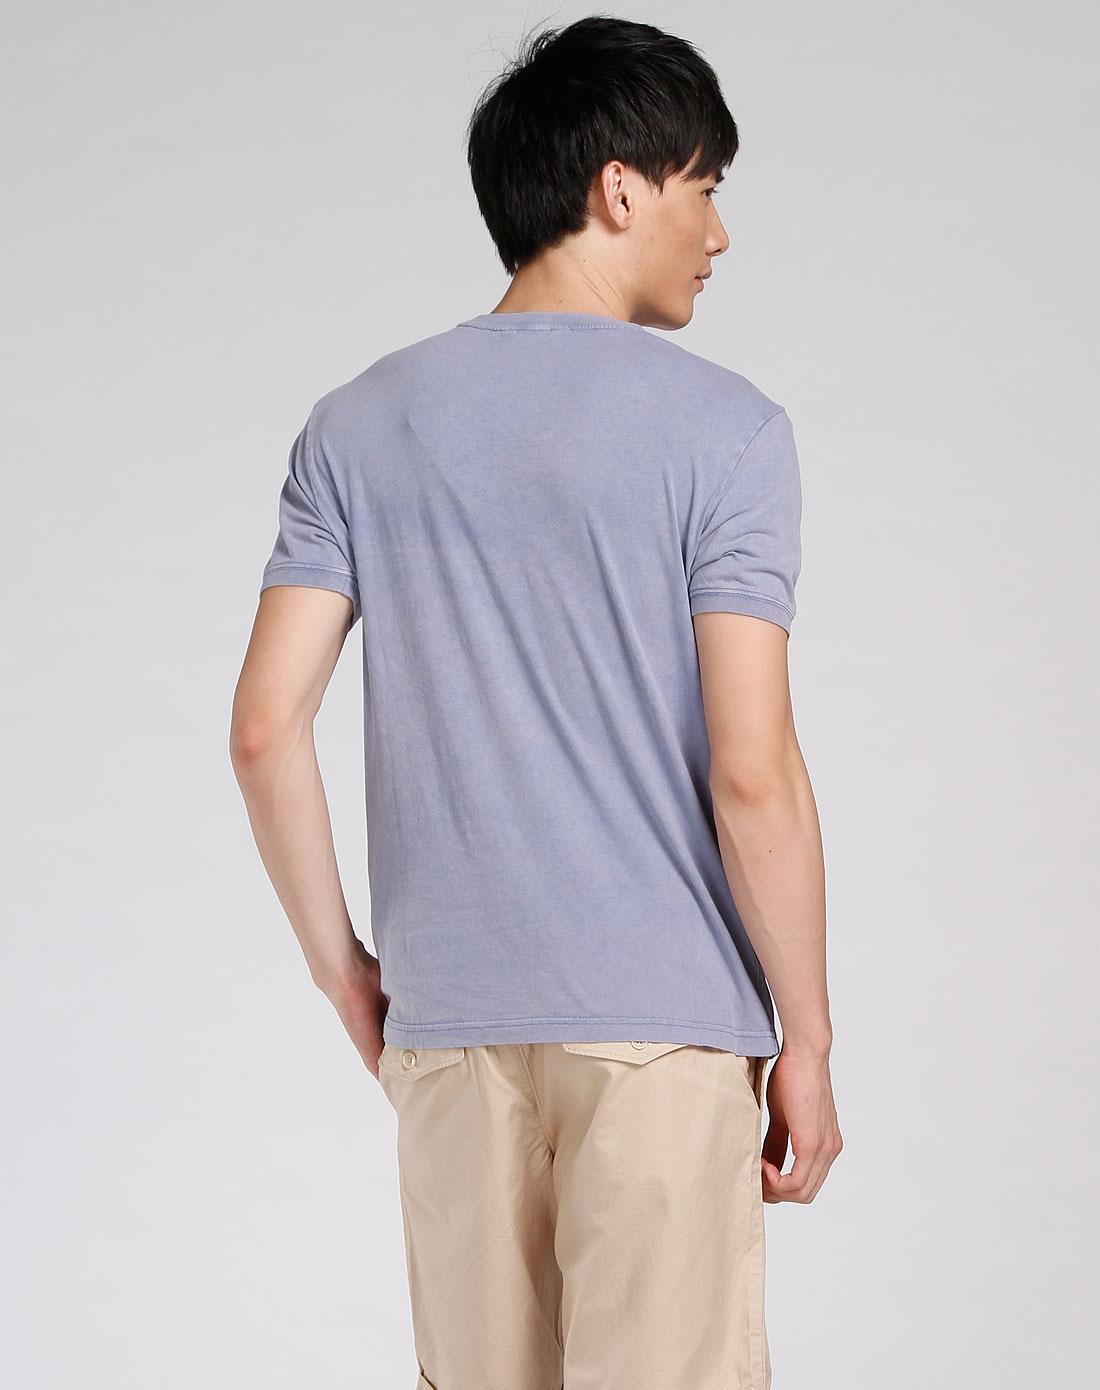 asobio-男士专场灰紫色圆领短袖t恤